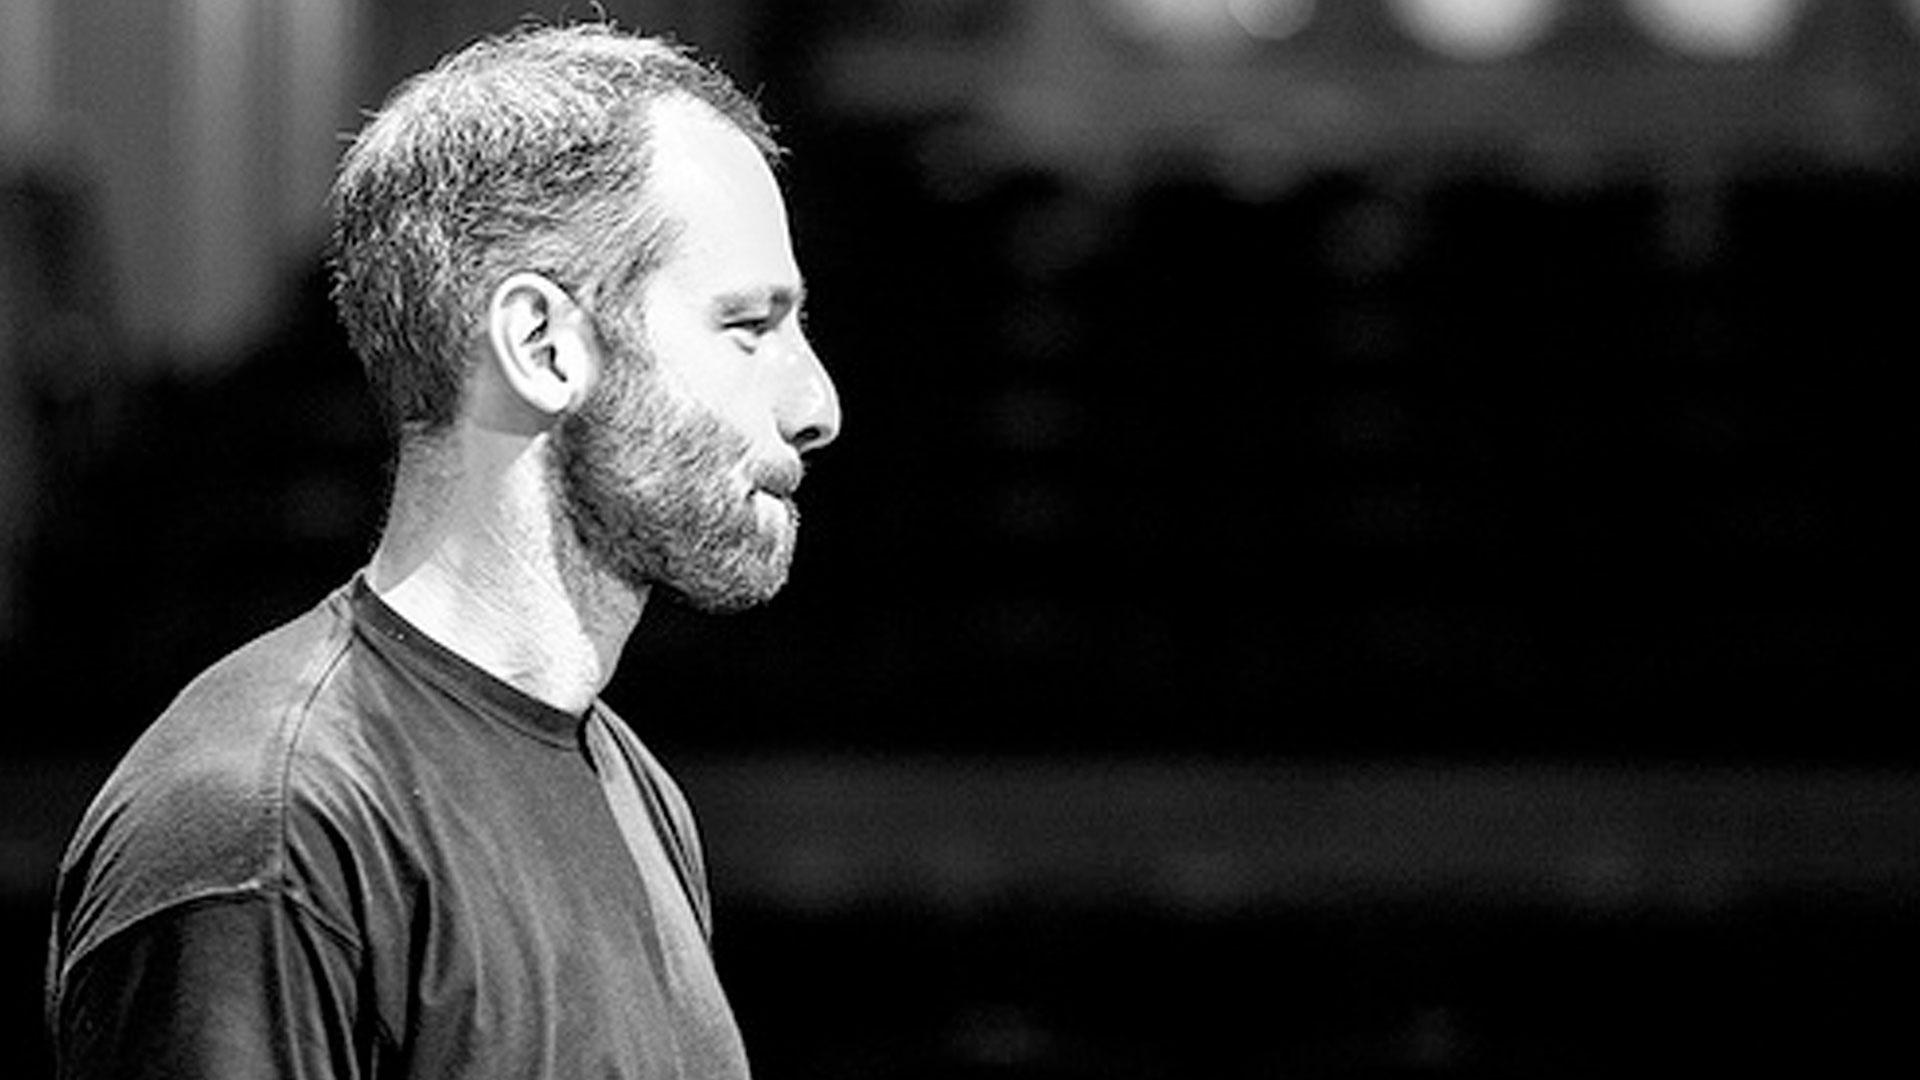 Dima Slobodeniouk y la Sinfónica de Galicia organizan una semana de masterclases de dirección, que tendrán lugar desde el 7 al 11 de septiembre de 2015 en A Coruña